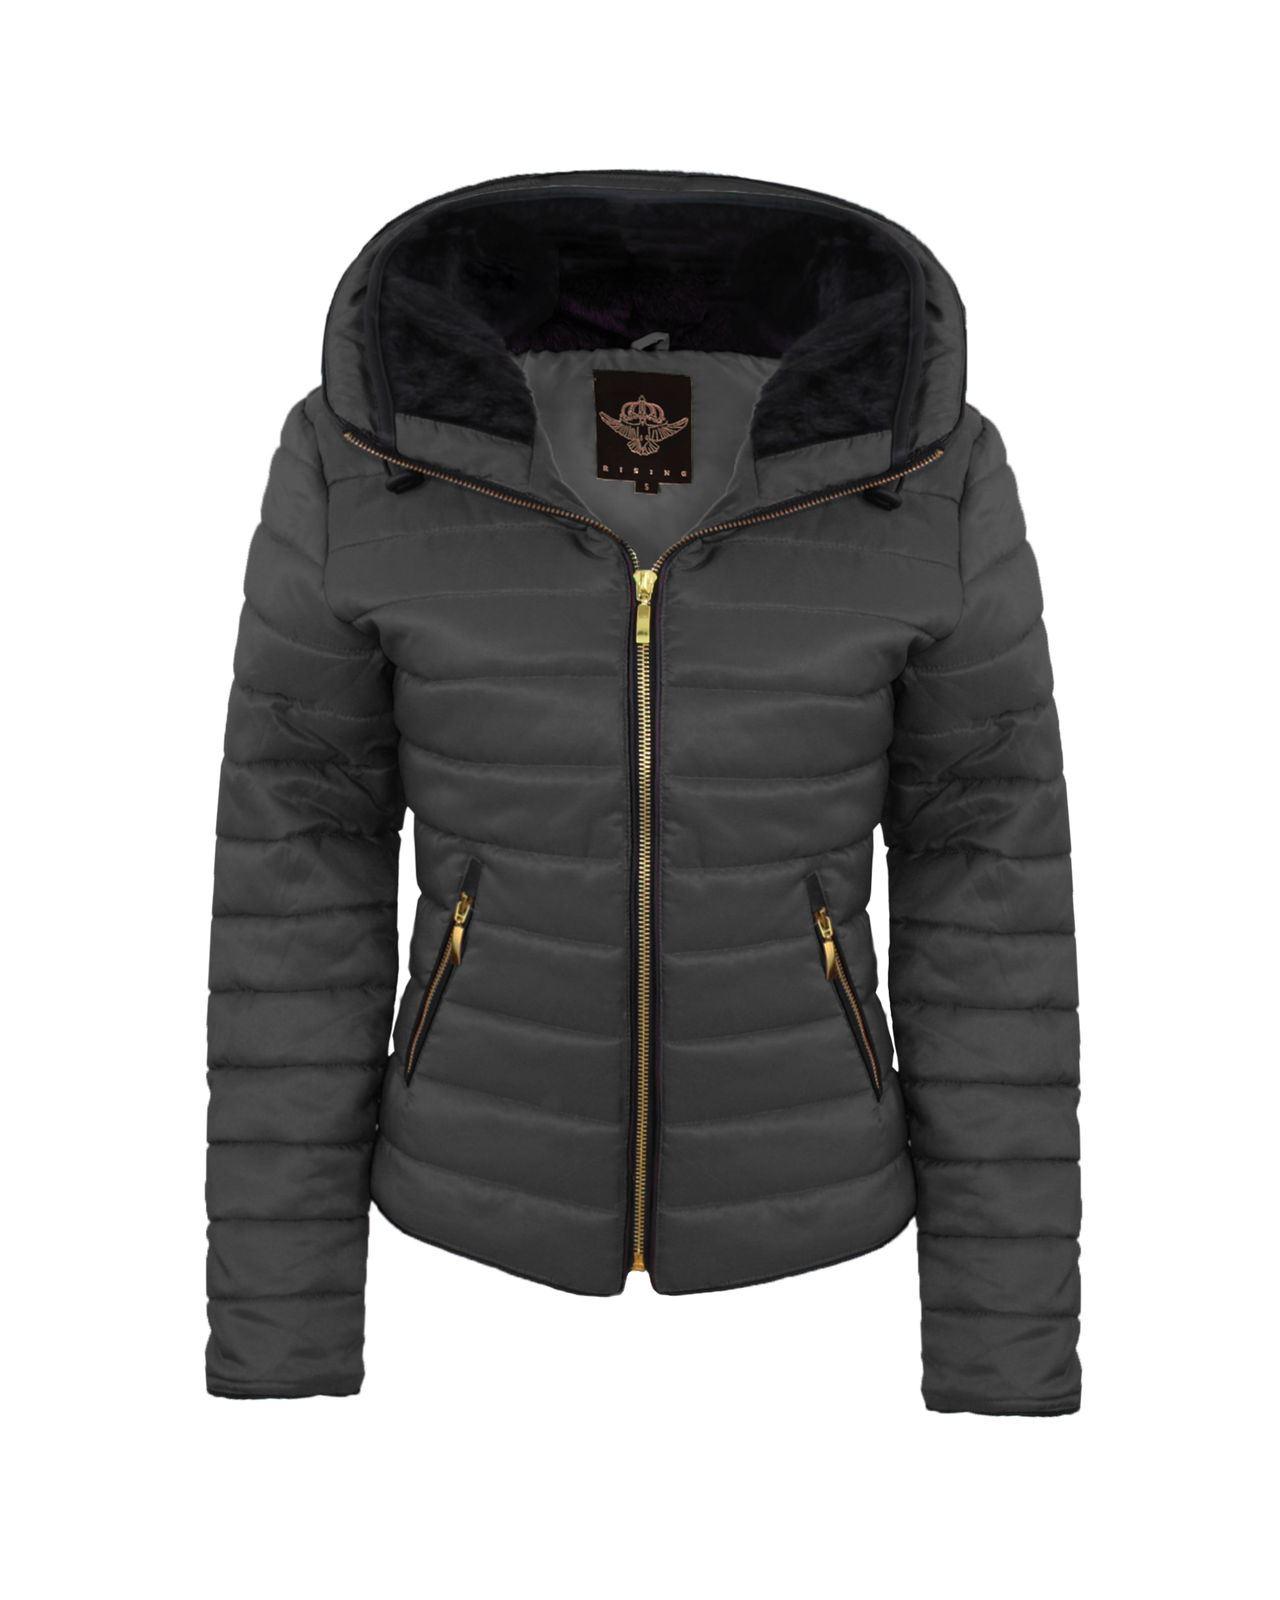 Bubble jacket for women